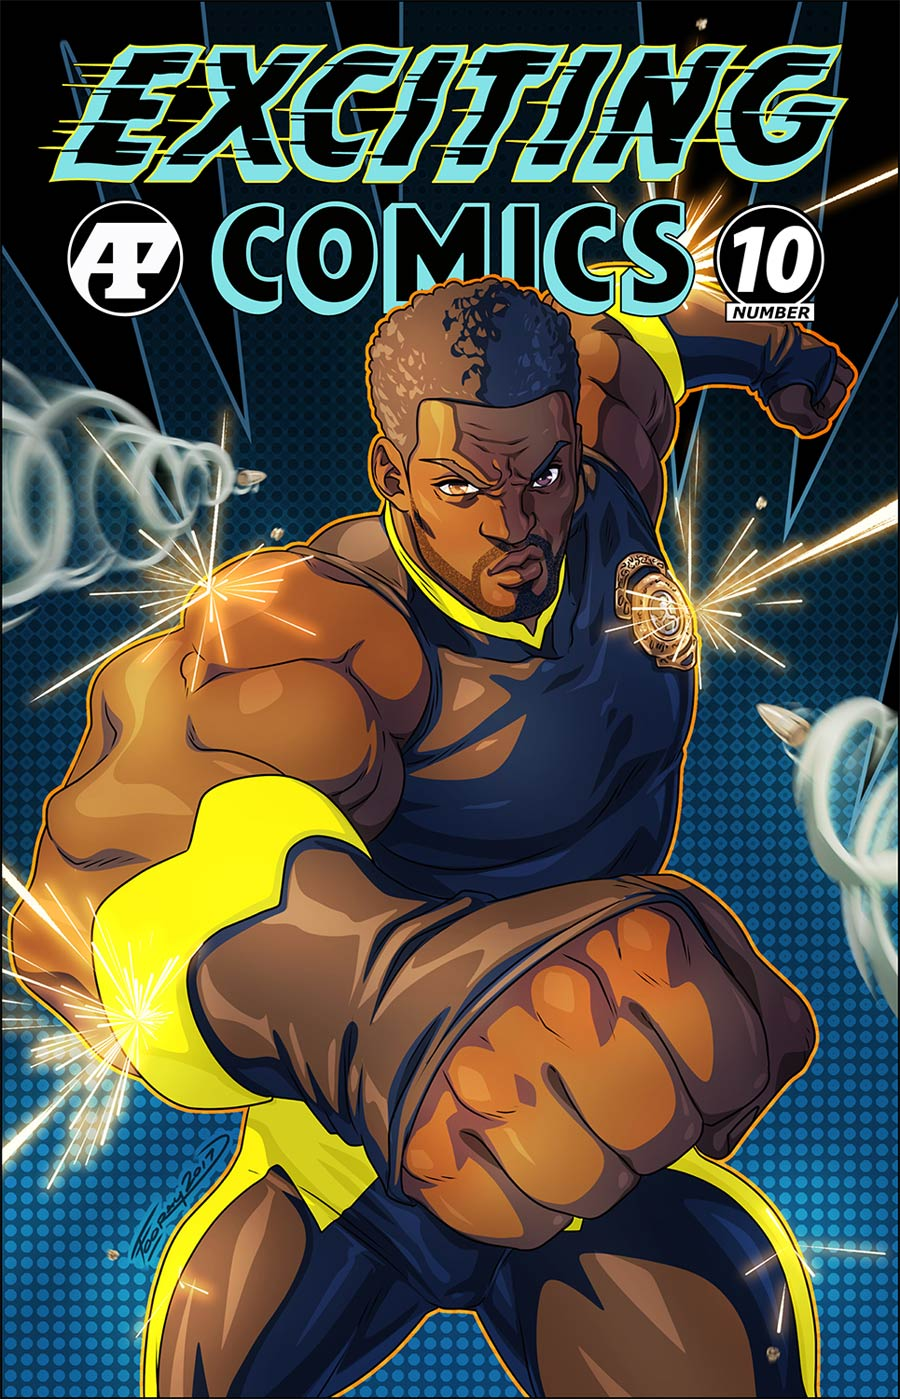 Exciting Comics Vol 2 #10